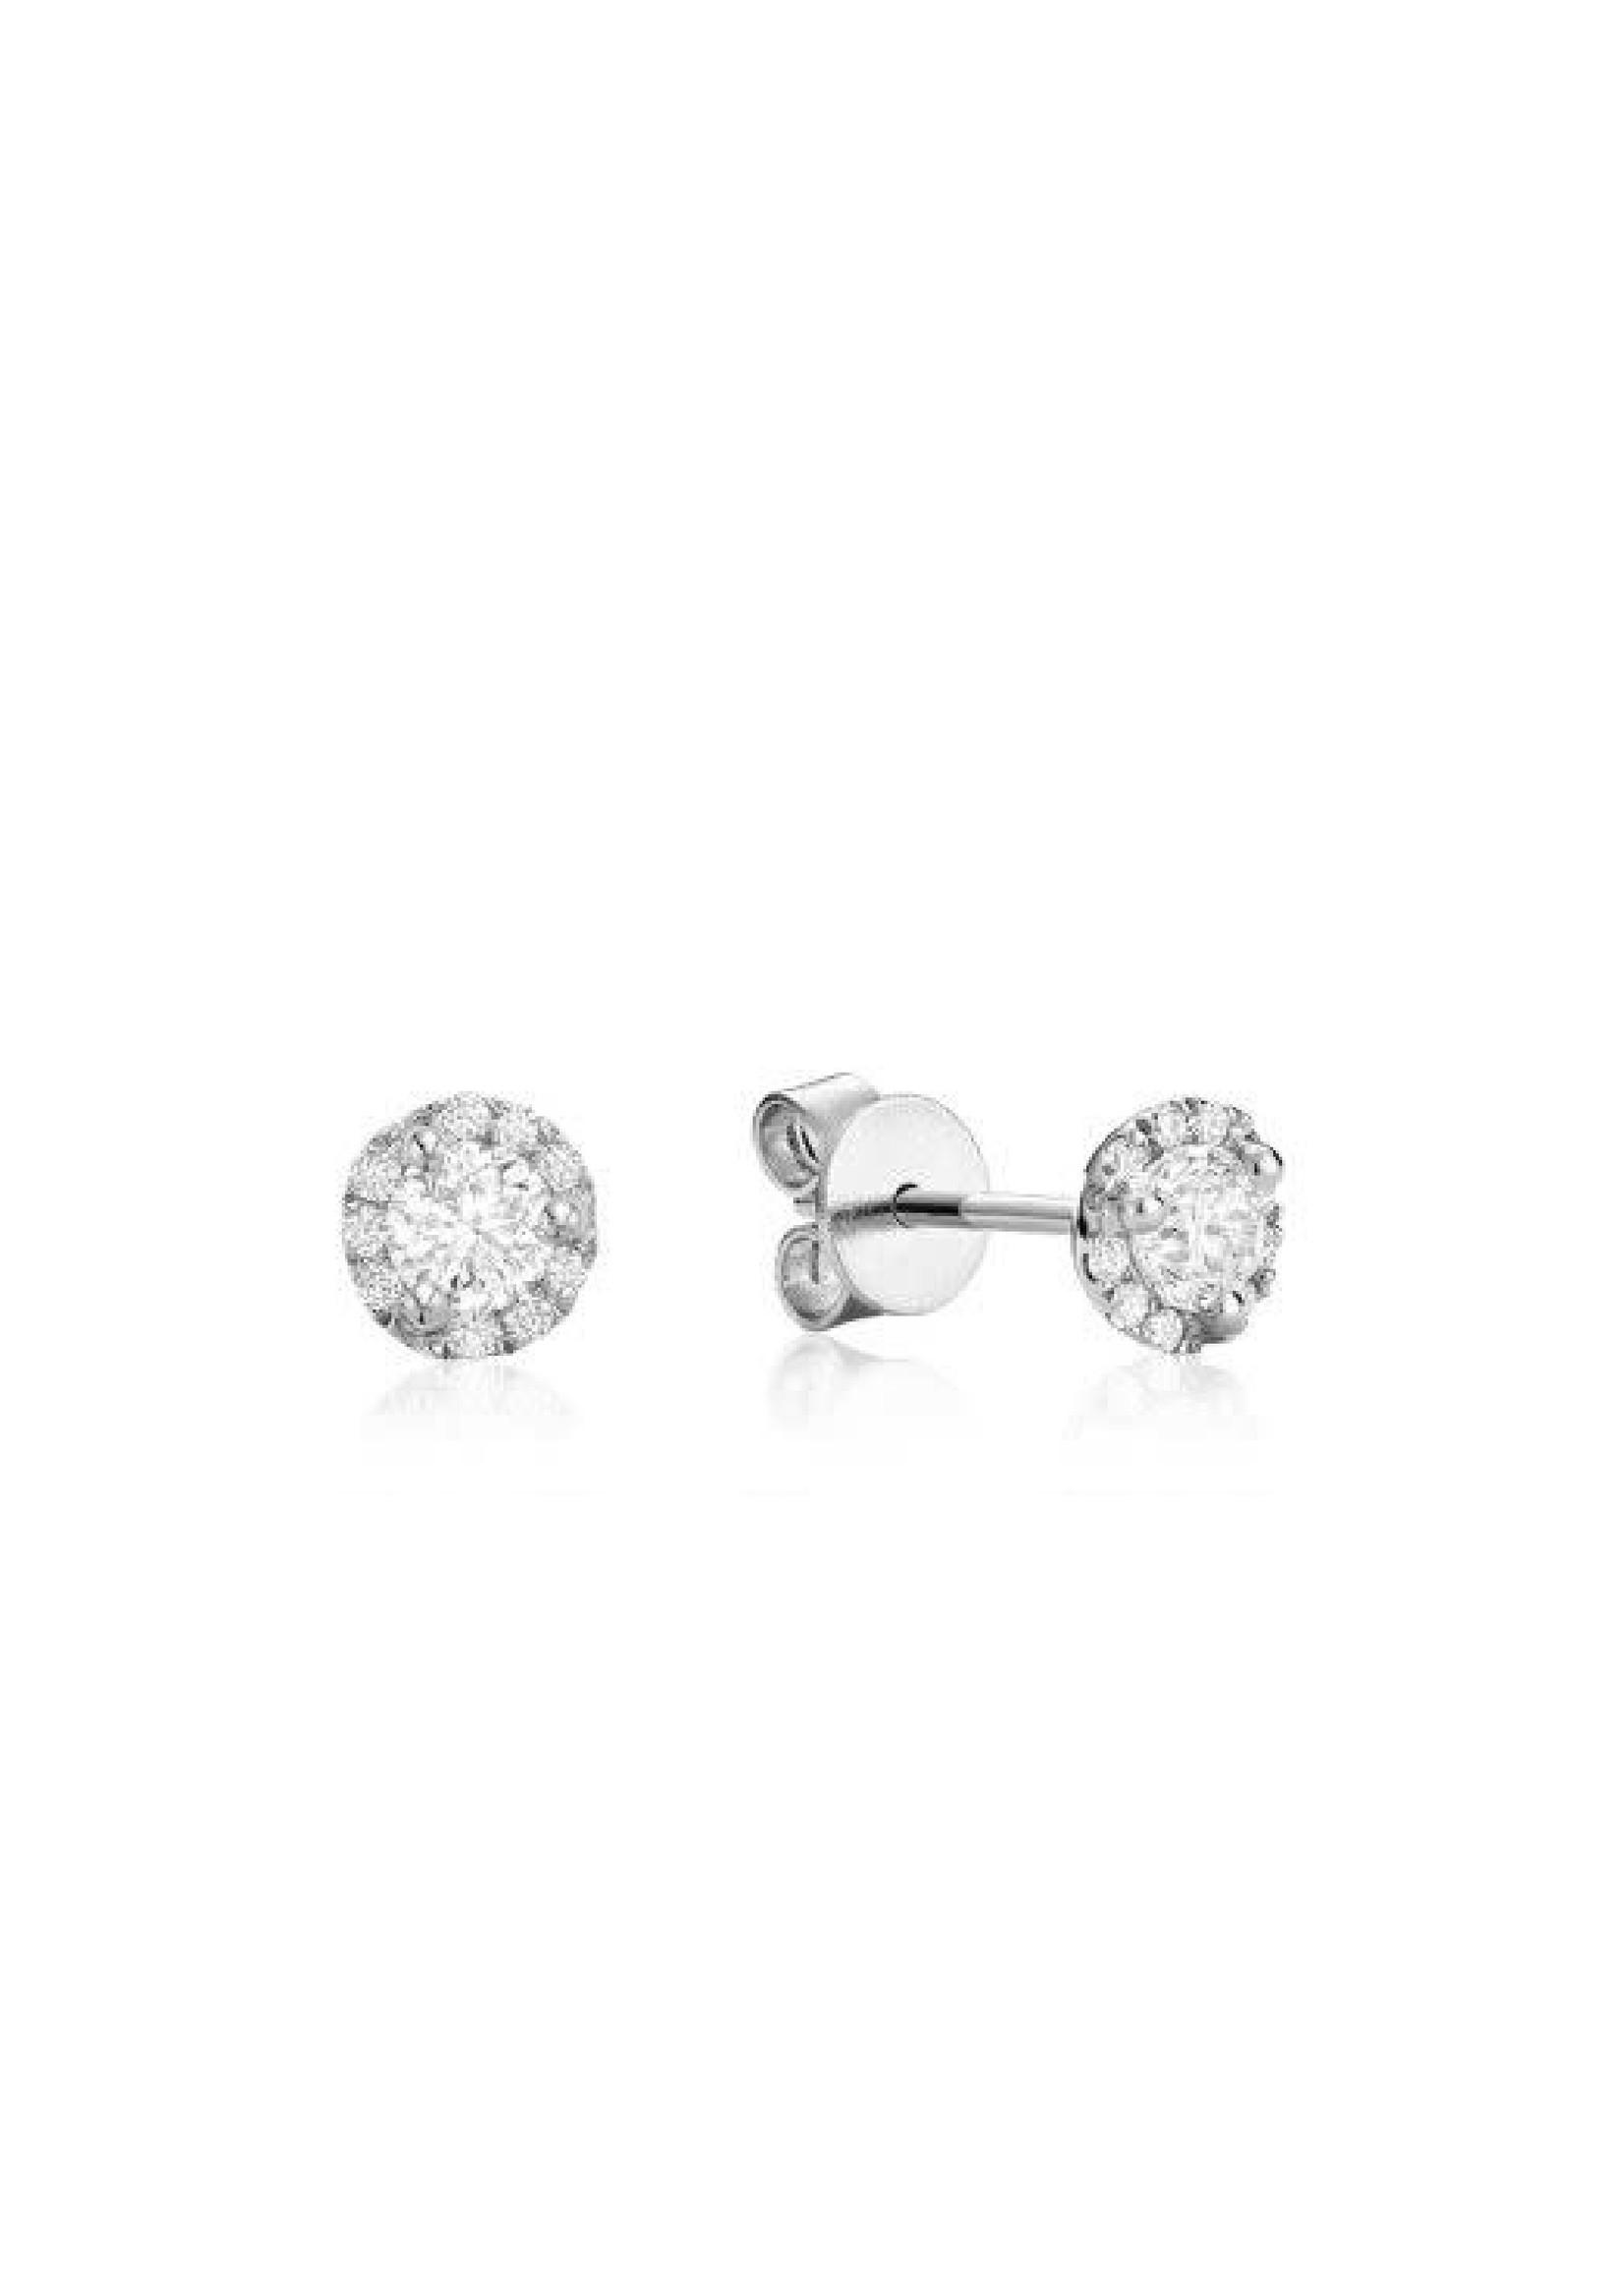 Boucles d'oreilles Halo Stud Or blanc 14K avec diamants